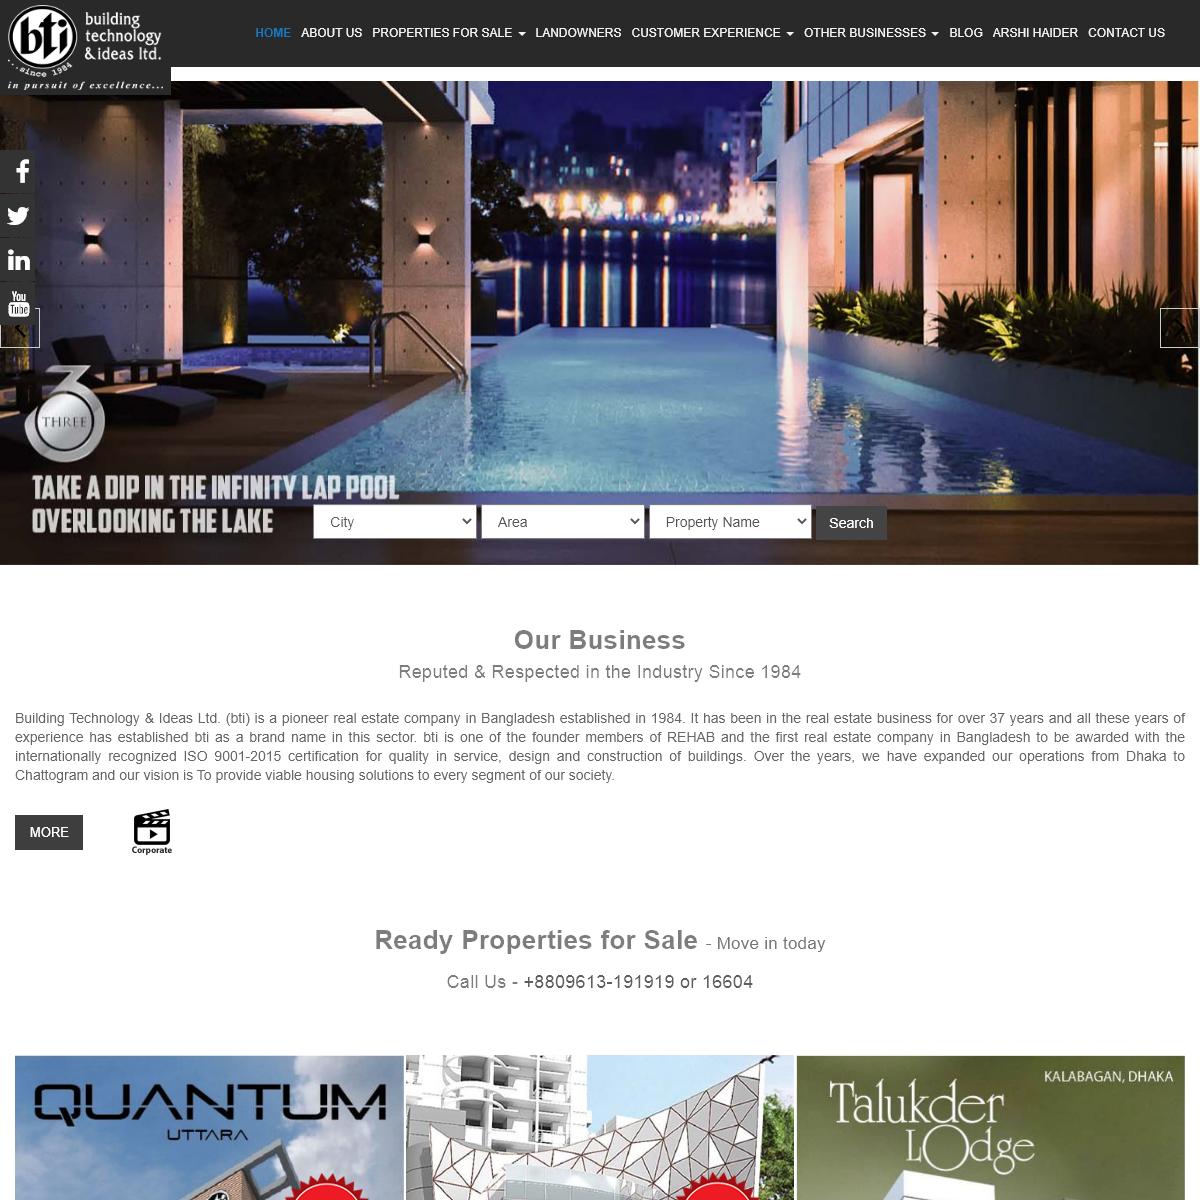 BTI - A Leading Real Estate Developer Company in Bangladesh